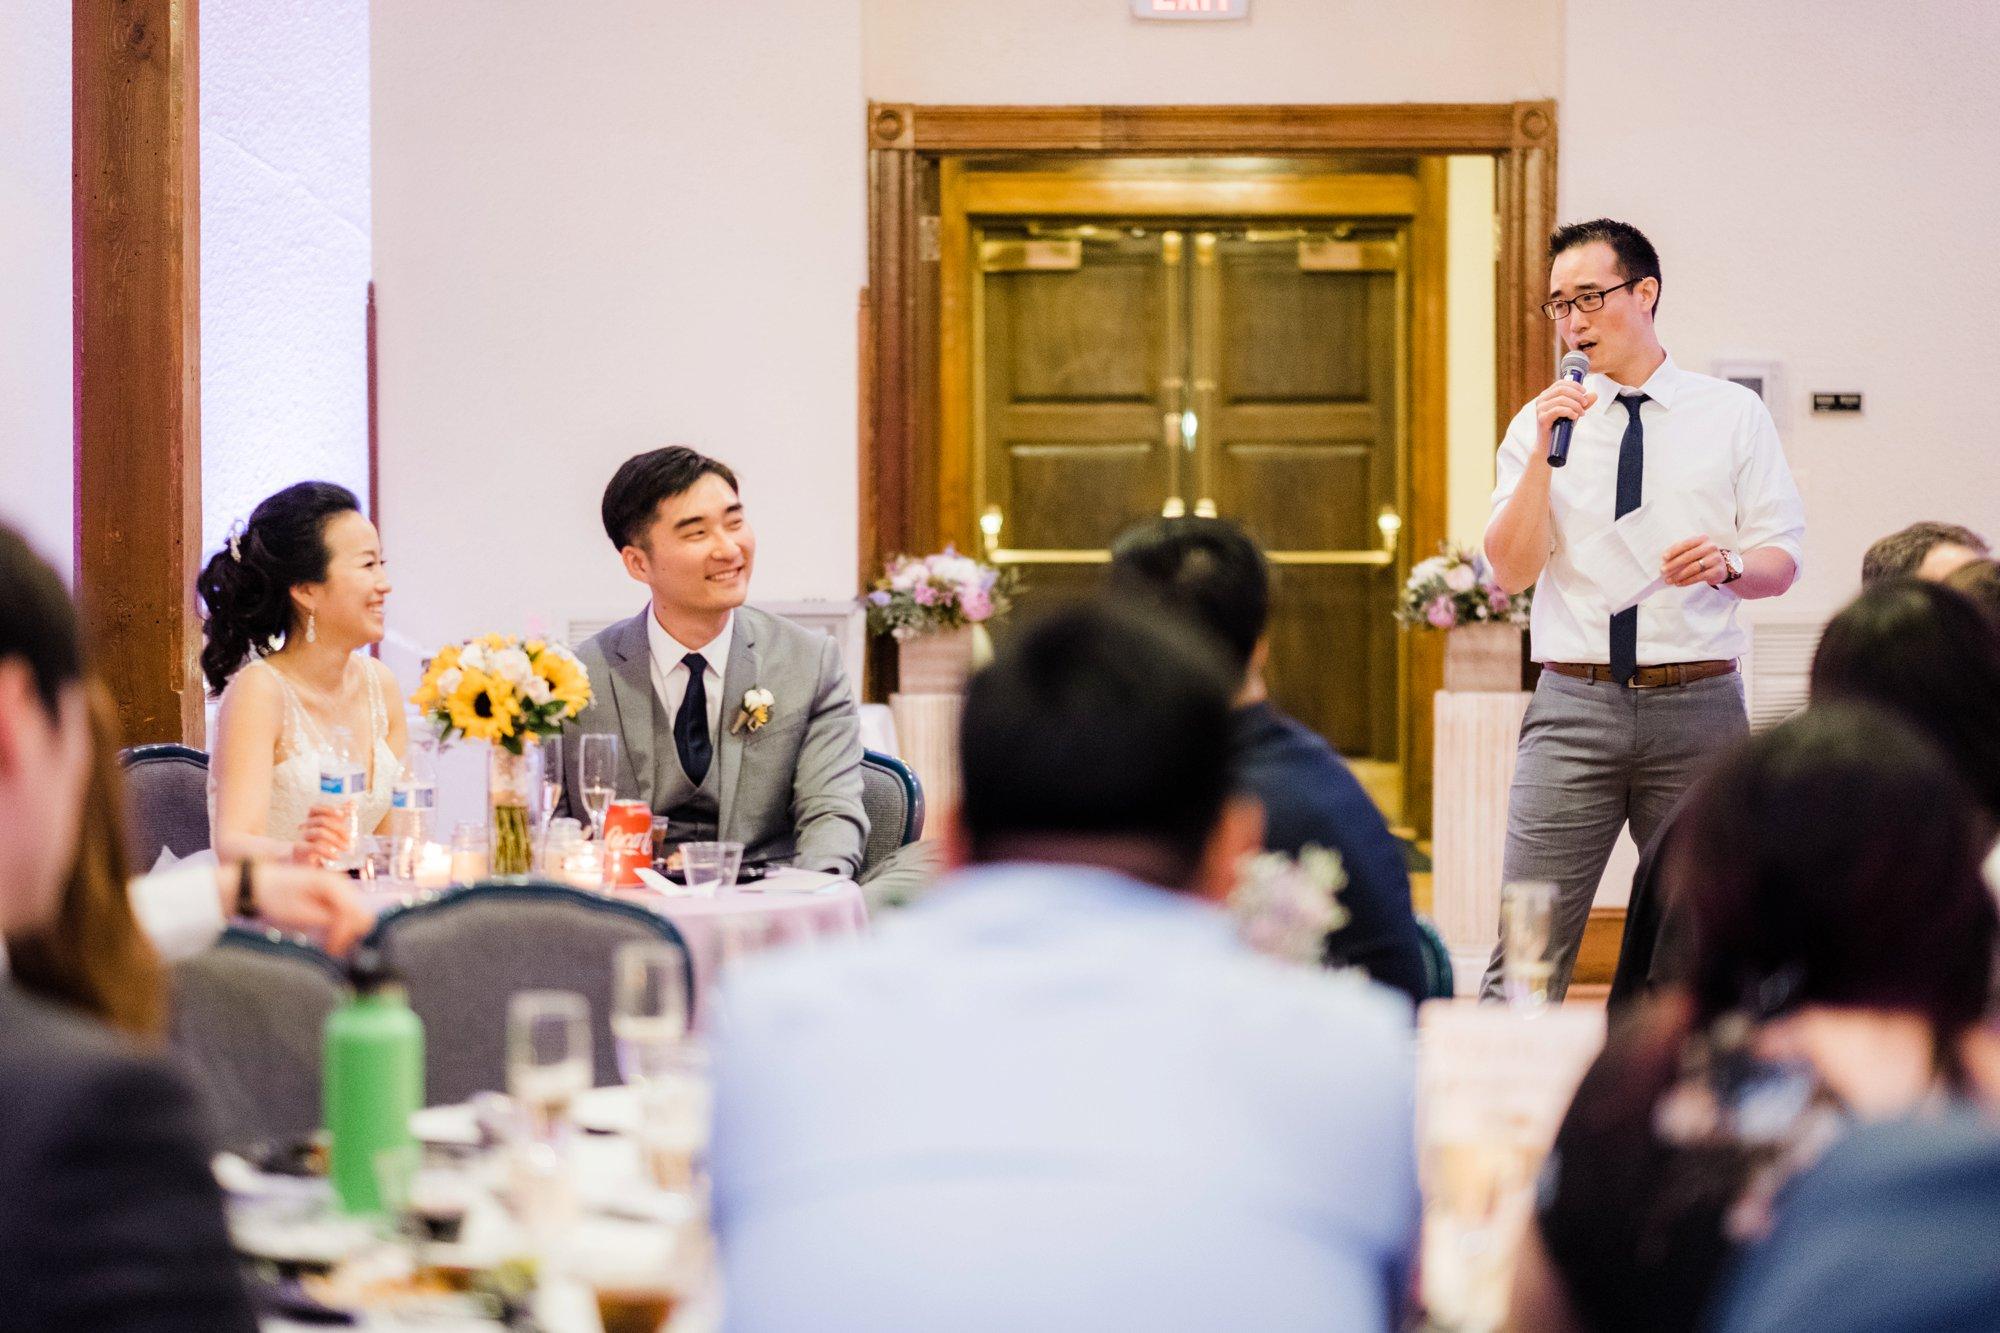 fairfax-dc-wedding-old-city-hall_0160.jpg